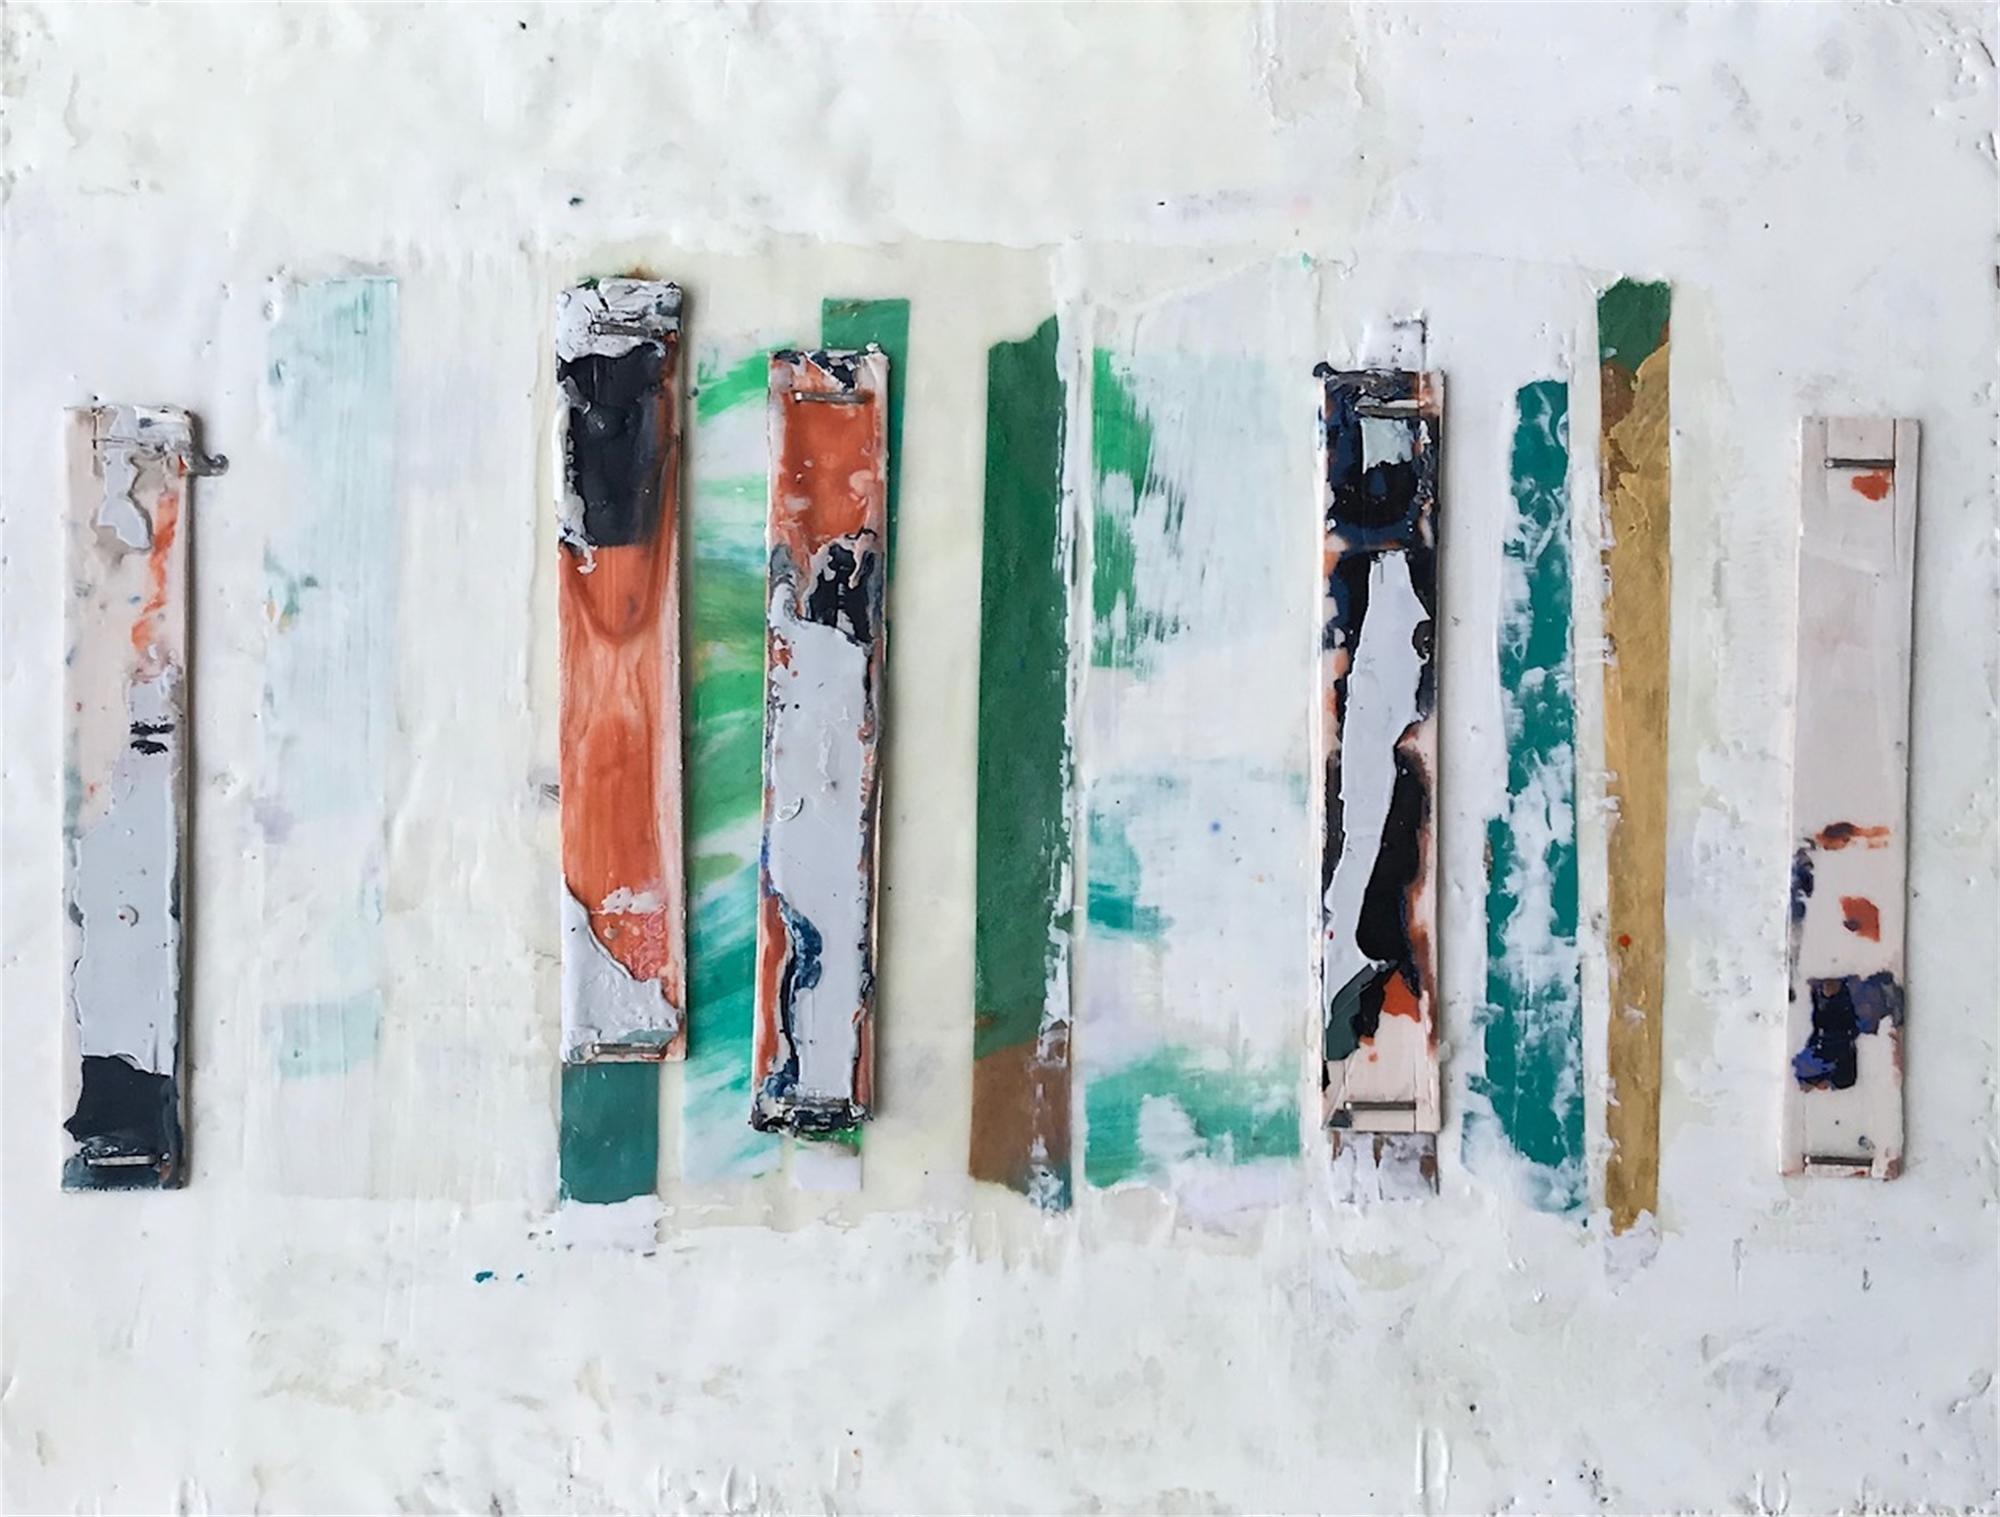 On a Whim II by Marissa Voytenko